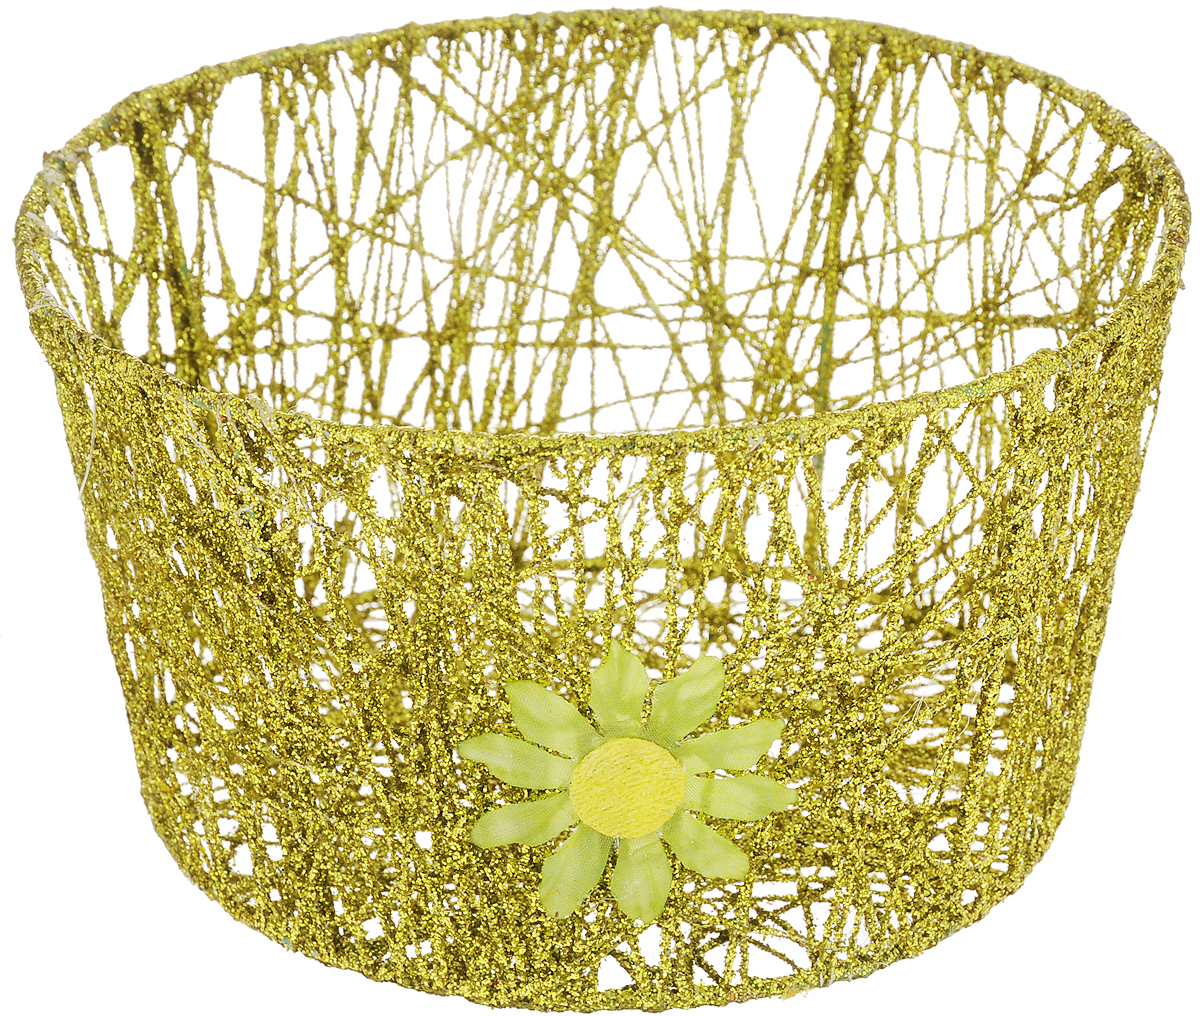 Корзина декоративная Home Queen Сияние, цвет: золотистый, диаметр 18 см10157Декоративная корзинка Home Queen Сияние прекрасно подойдет для хранения пасхальных яиц, а также различных мелочей. Корзинка имеет металлический каркас, обтянутый нитями из полиэстера. Блестки придают изделию особый праздничный вид. Сбоку корзинка декорирована аппликацией в виде цветочка.Такая корзинка украсит интерьер дома к Пасхе, внесет частичку тепла и веселья в ваш дом.